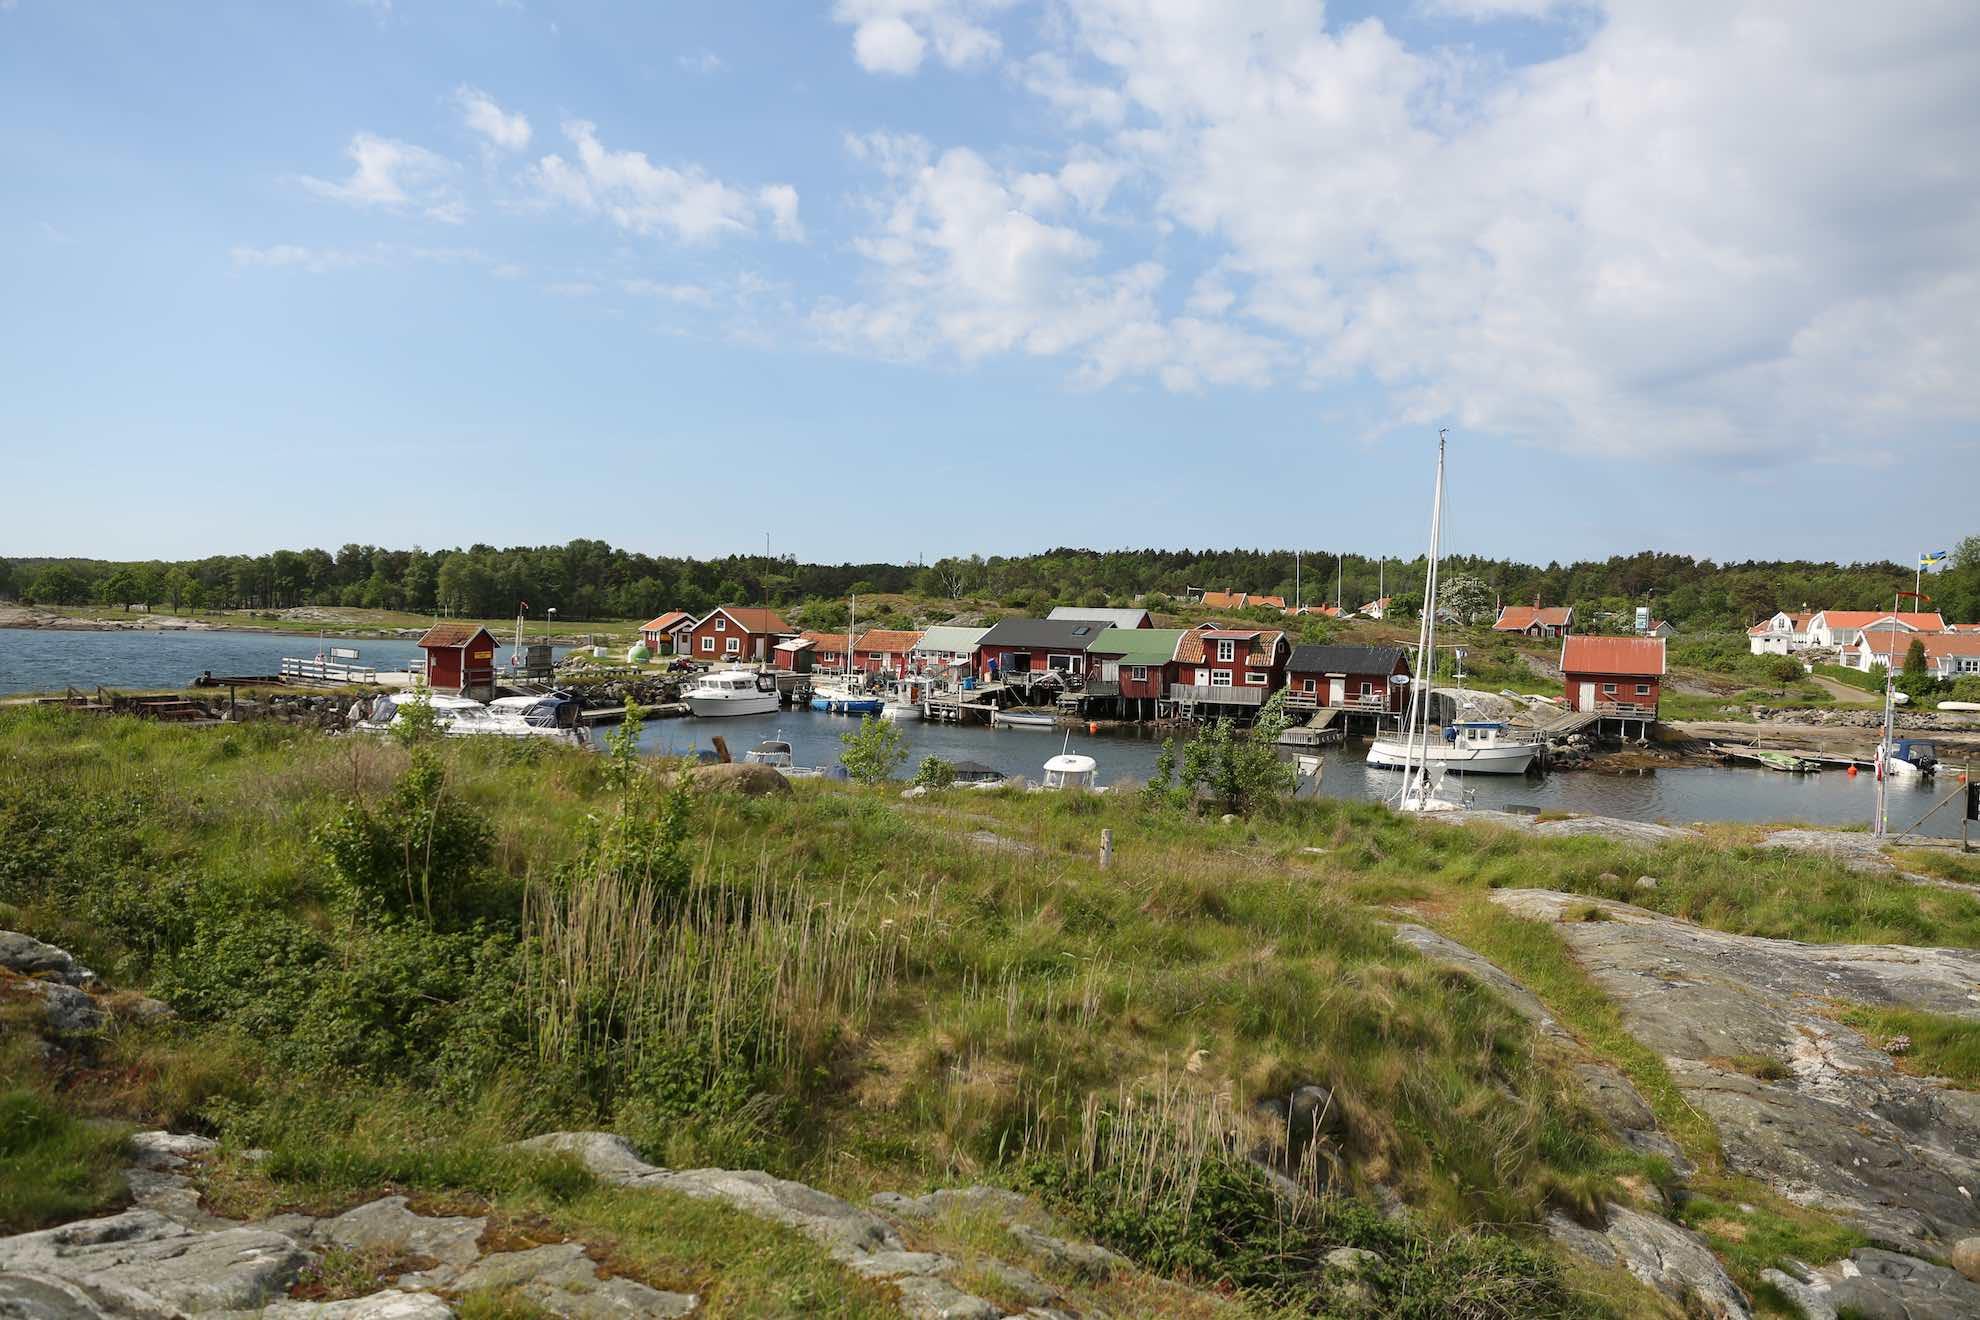 Die Insel Nordkoster – ein ruhiger Ort zum Durchatmen.